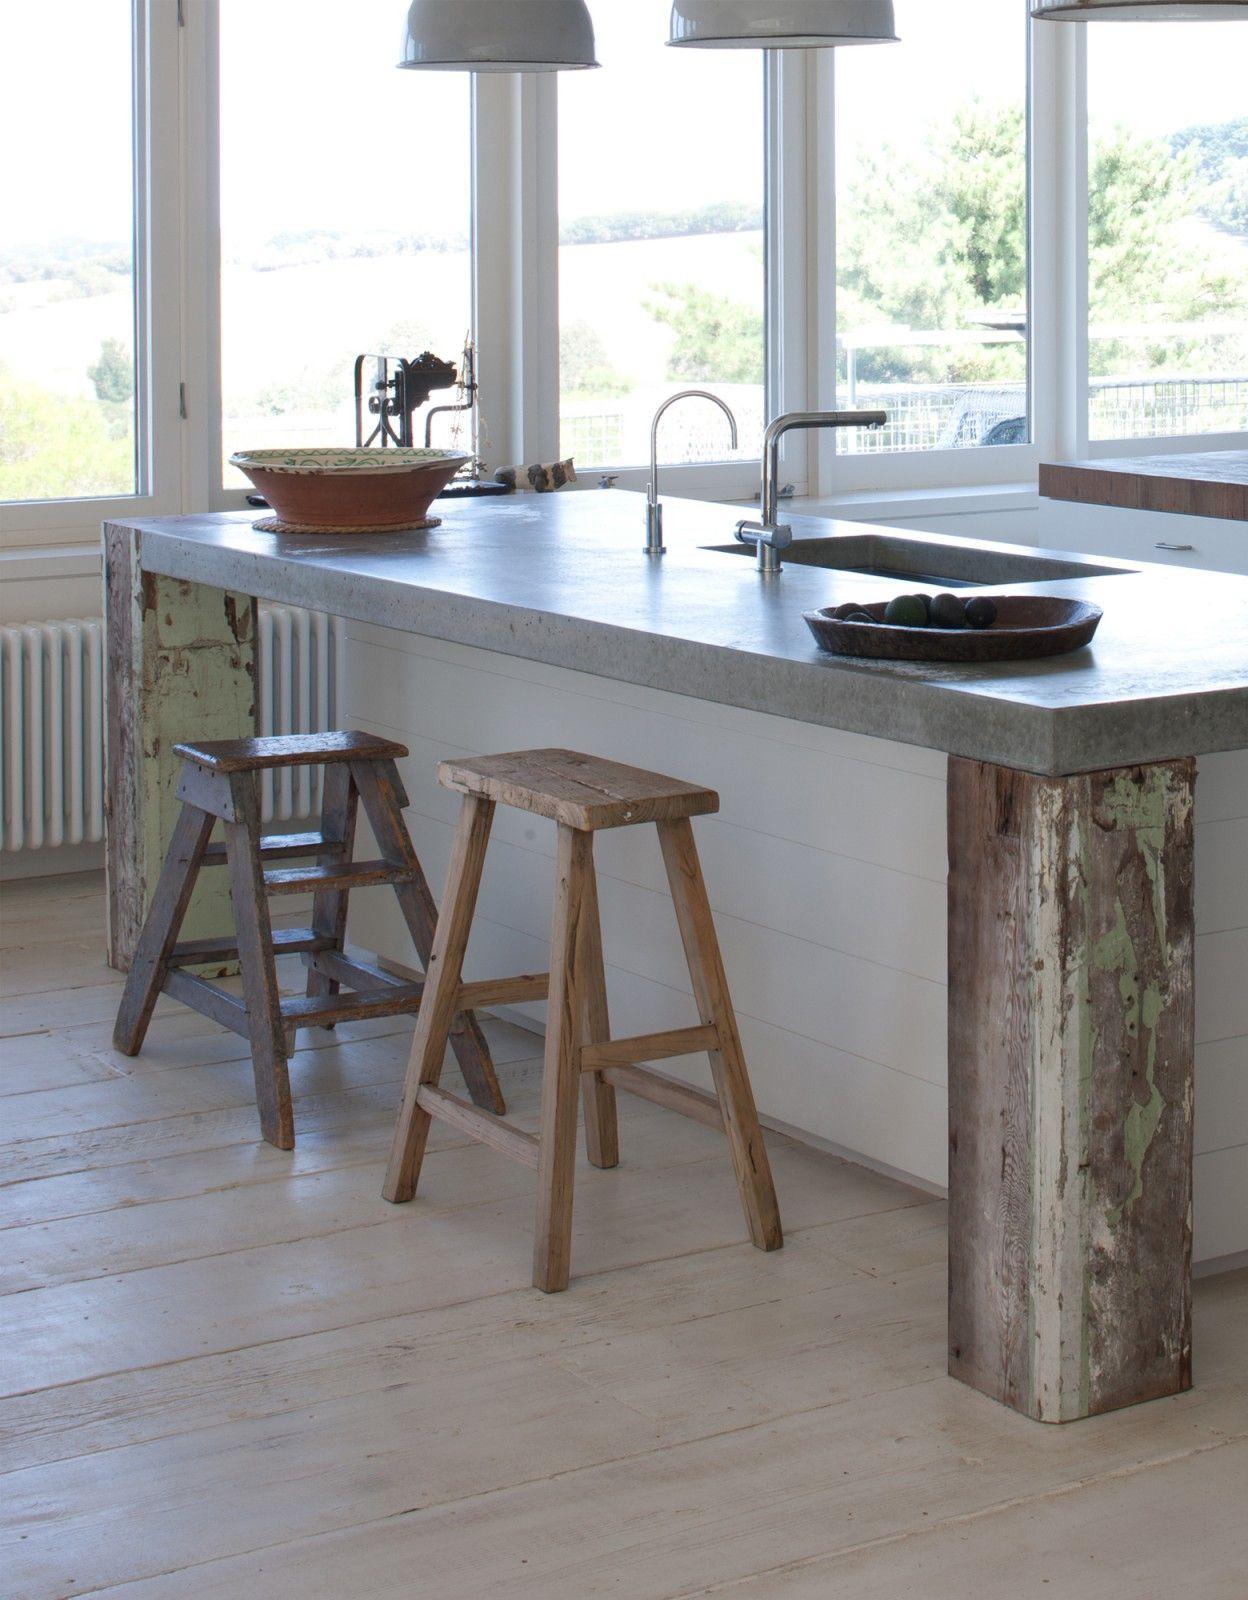 Ideen für mobile kücheneinrichtungen whitehall black  jolson  stylist  pinterest